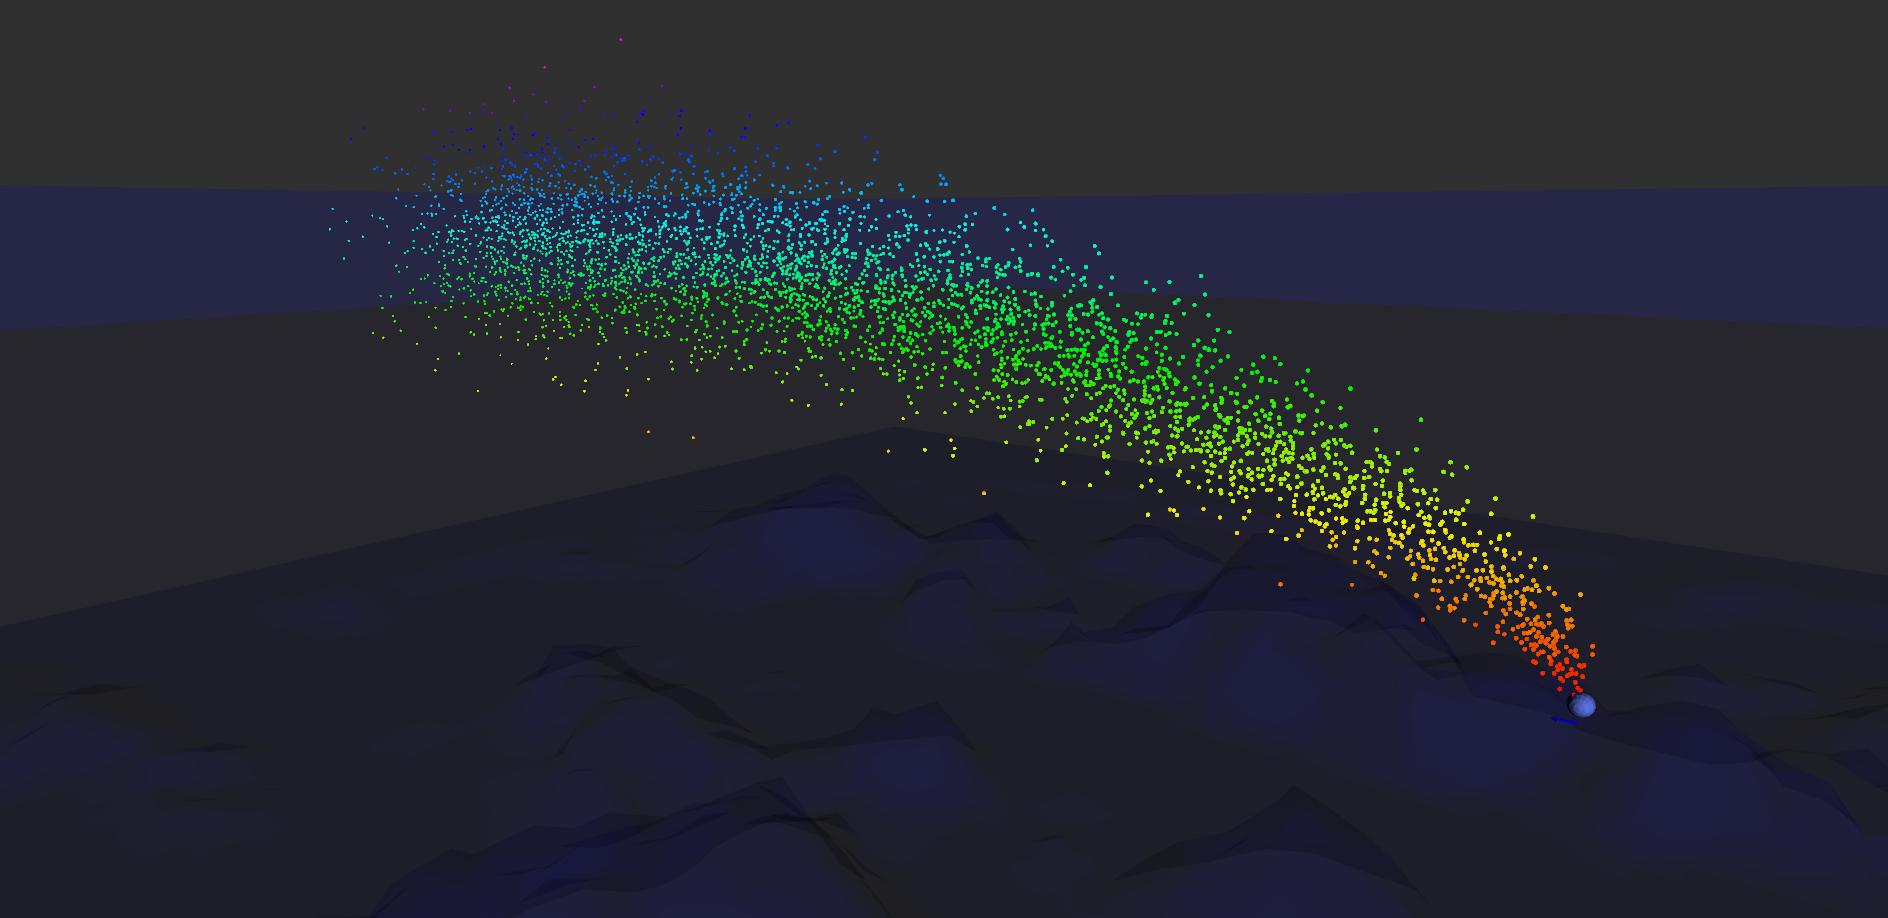 Visualization in RViz